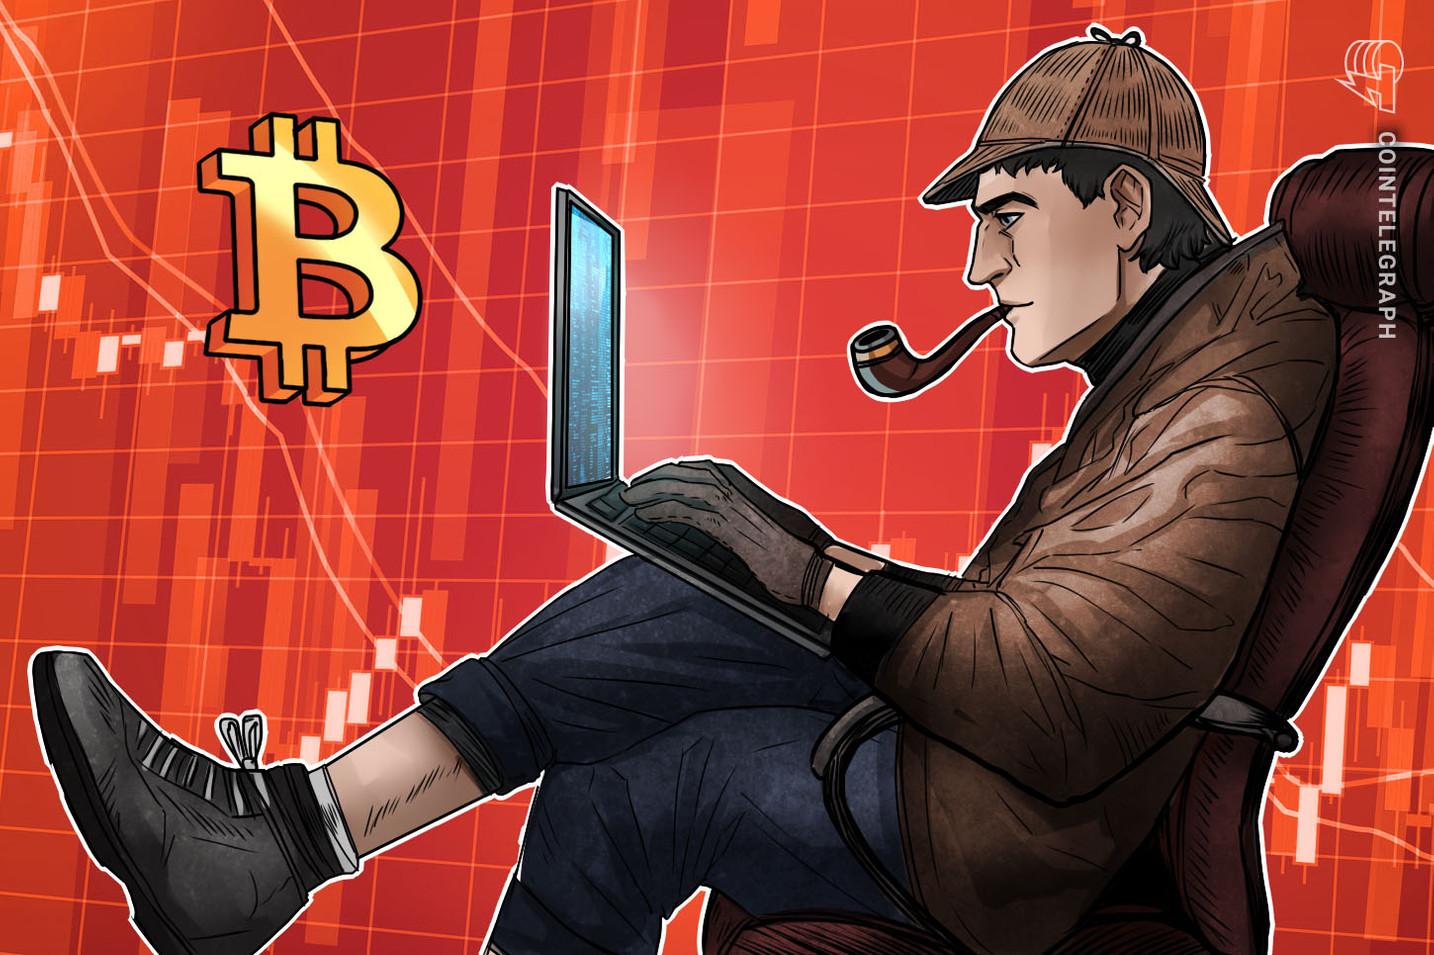 Cena bitcoinu klesá pod 38 XNUMX USD a býčí obchodníci hledají další vyšší minimum